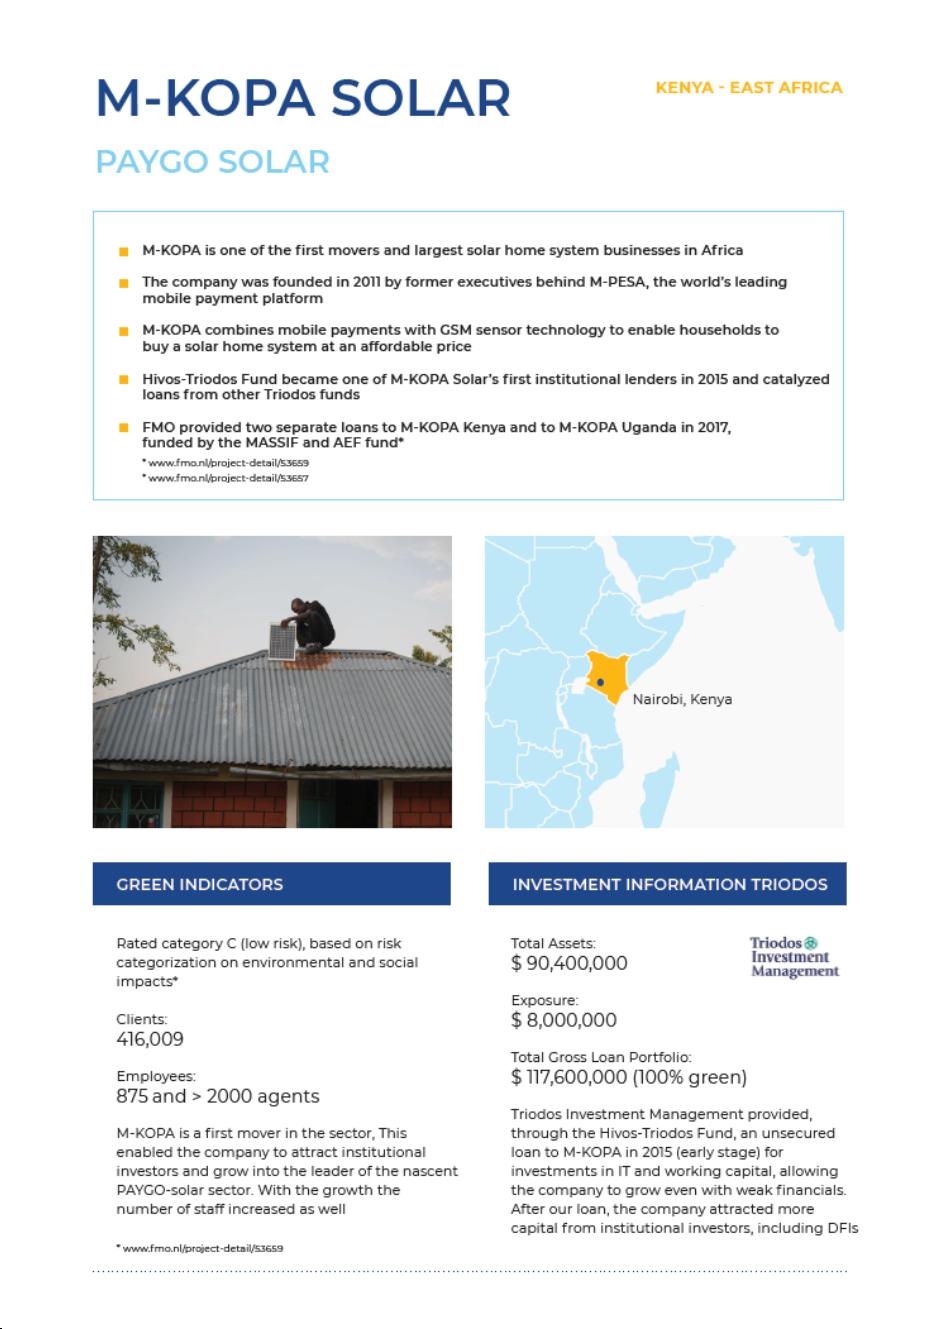 Publications — NpM, Platform for Inclusive Finance